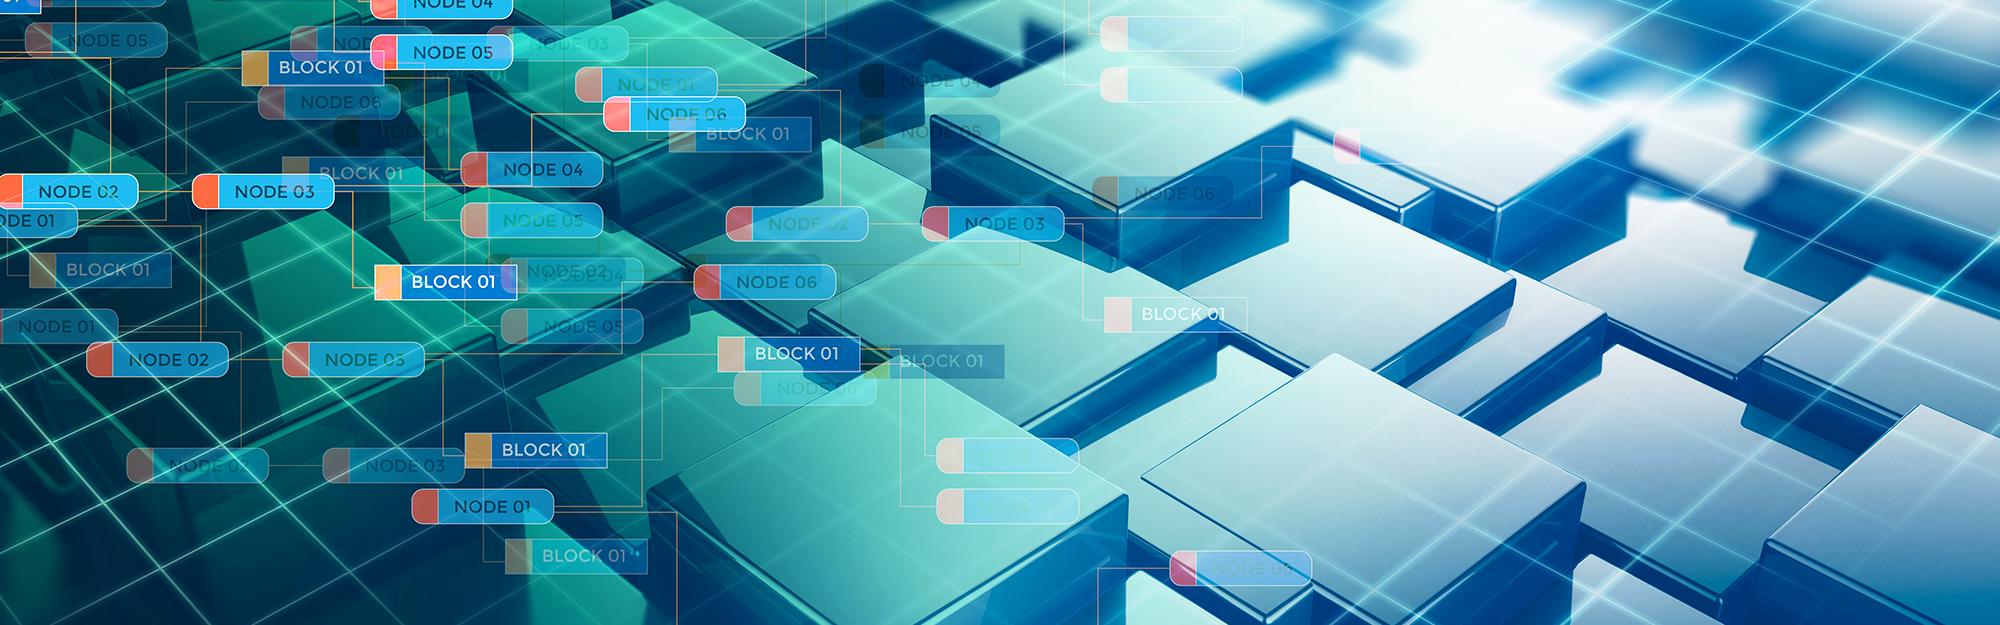 Blockchain Technology: definizioni, prospettive e opportunità  non solo in ambito Finance